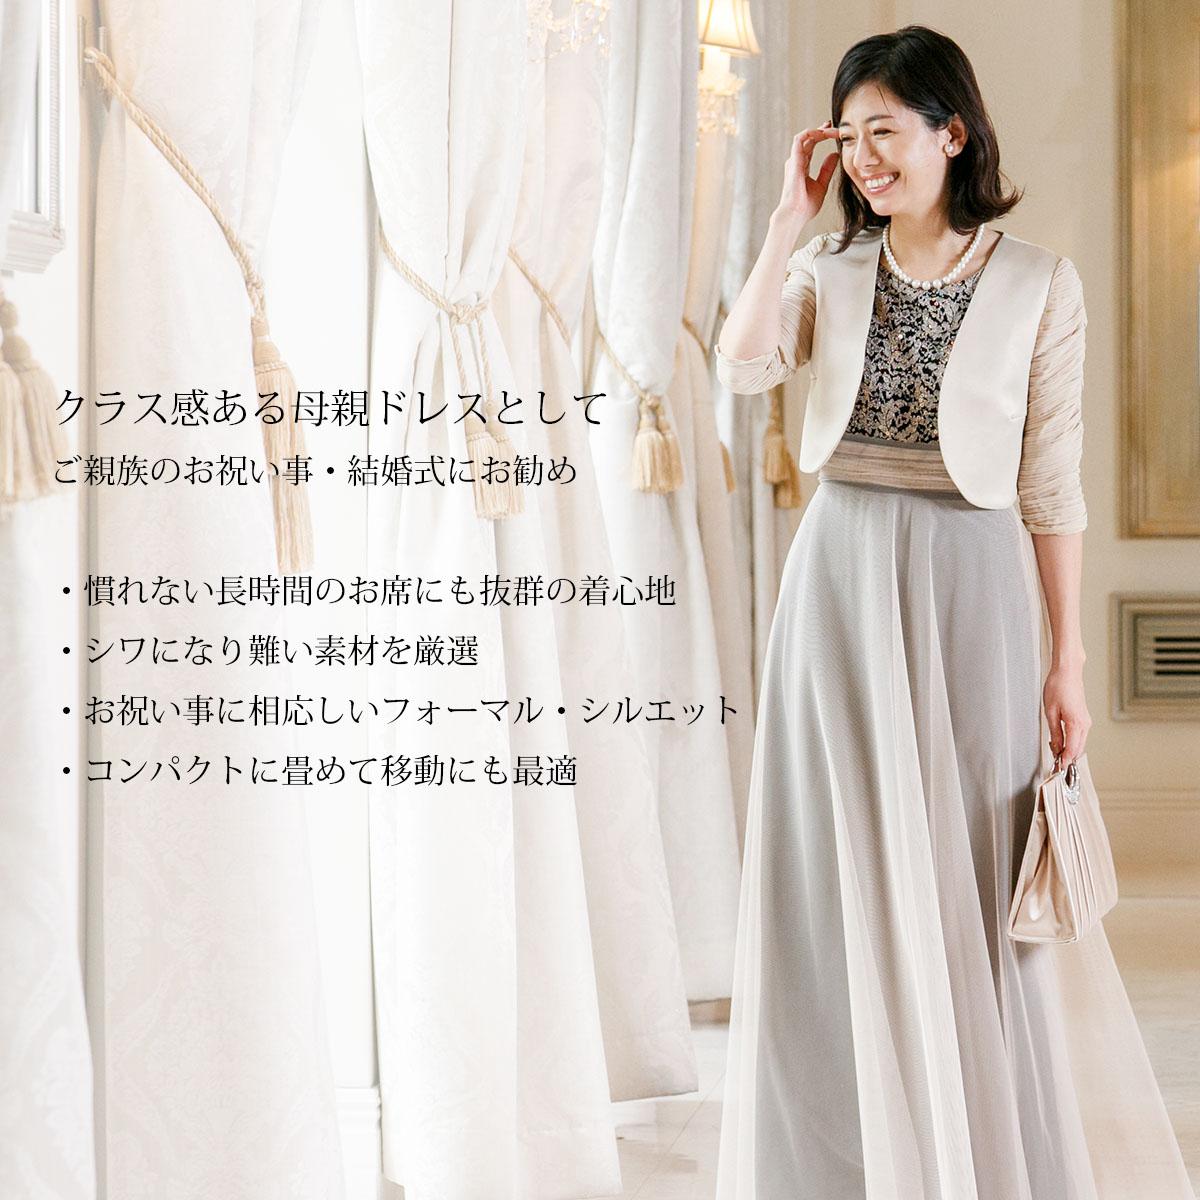 アールズガウン演奏会用ドレス